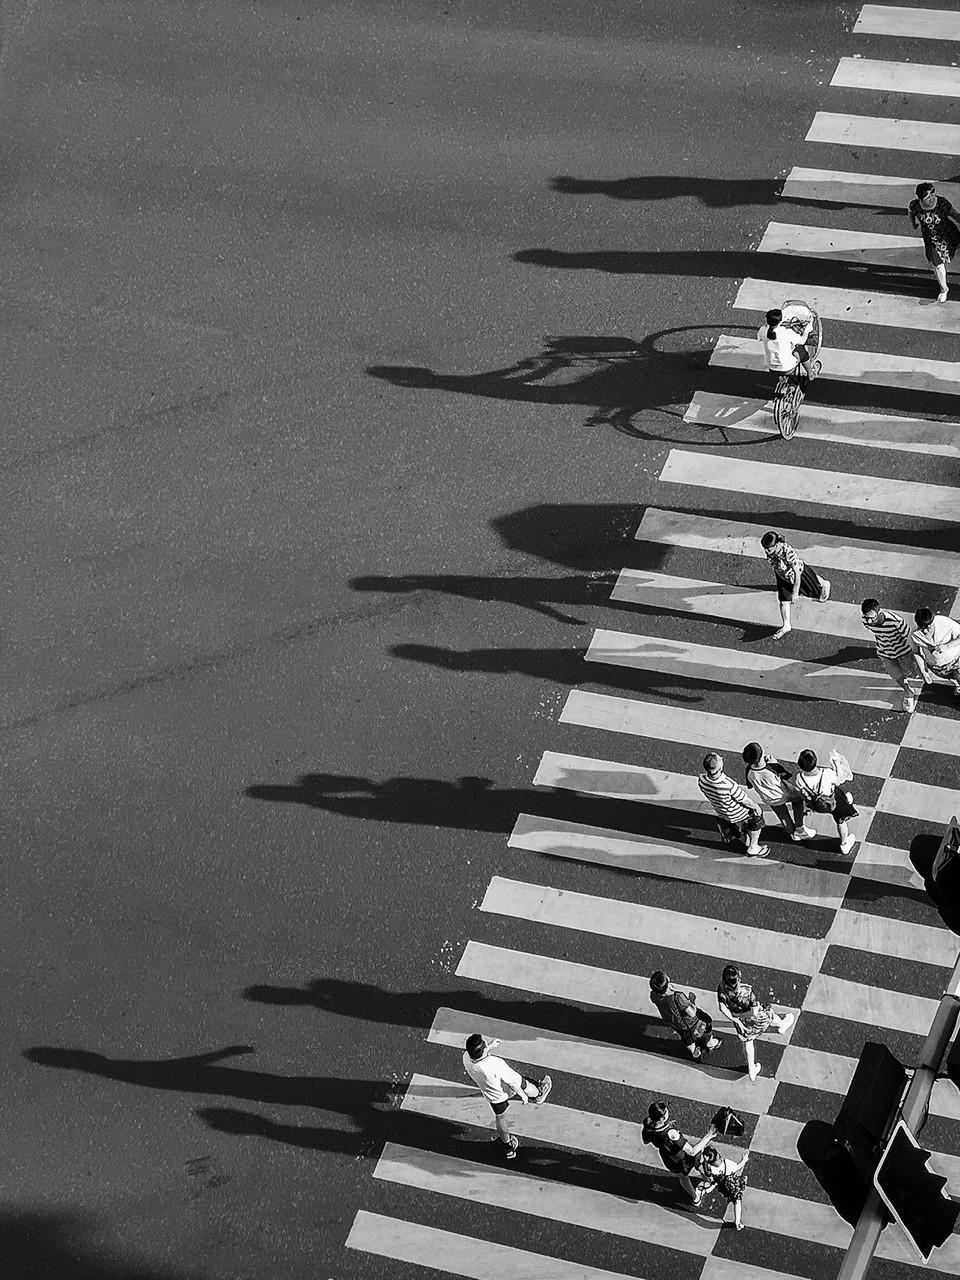 Городская битва, © 新影像7666, Конкурс мобильной фотографии Huawei